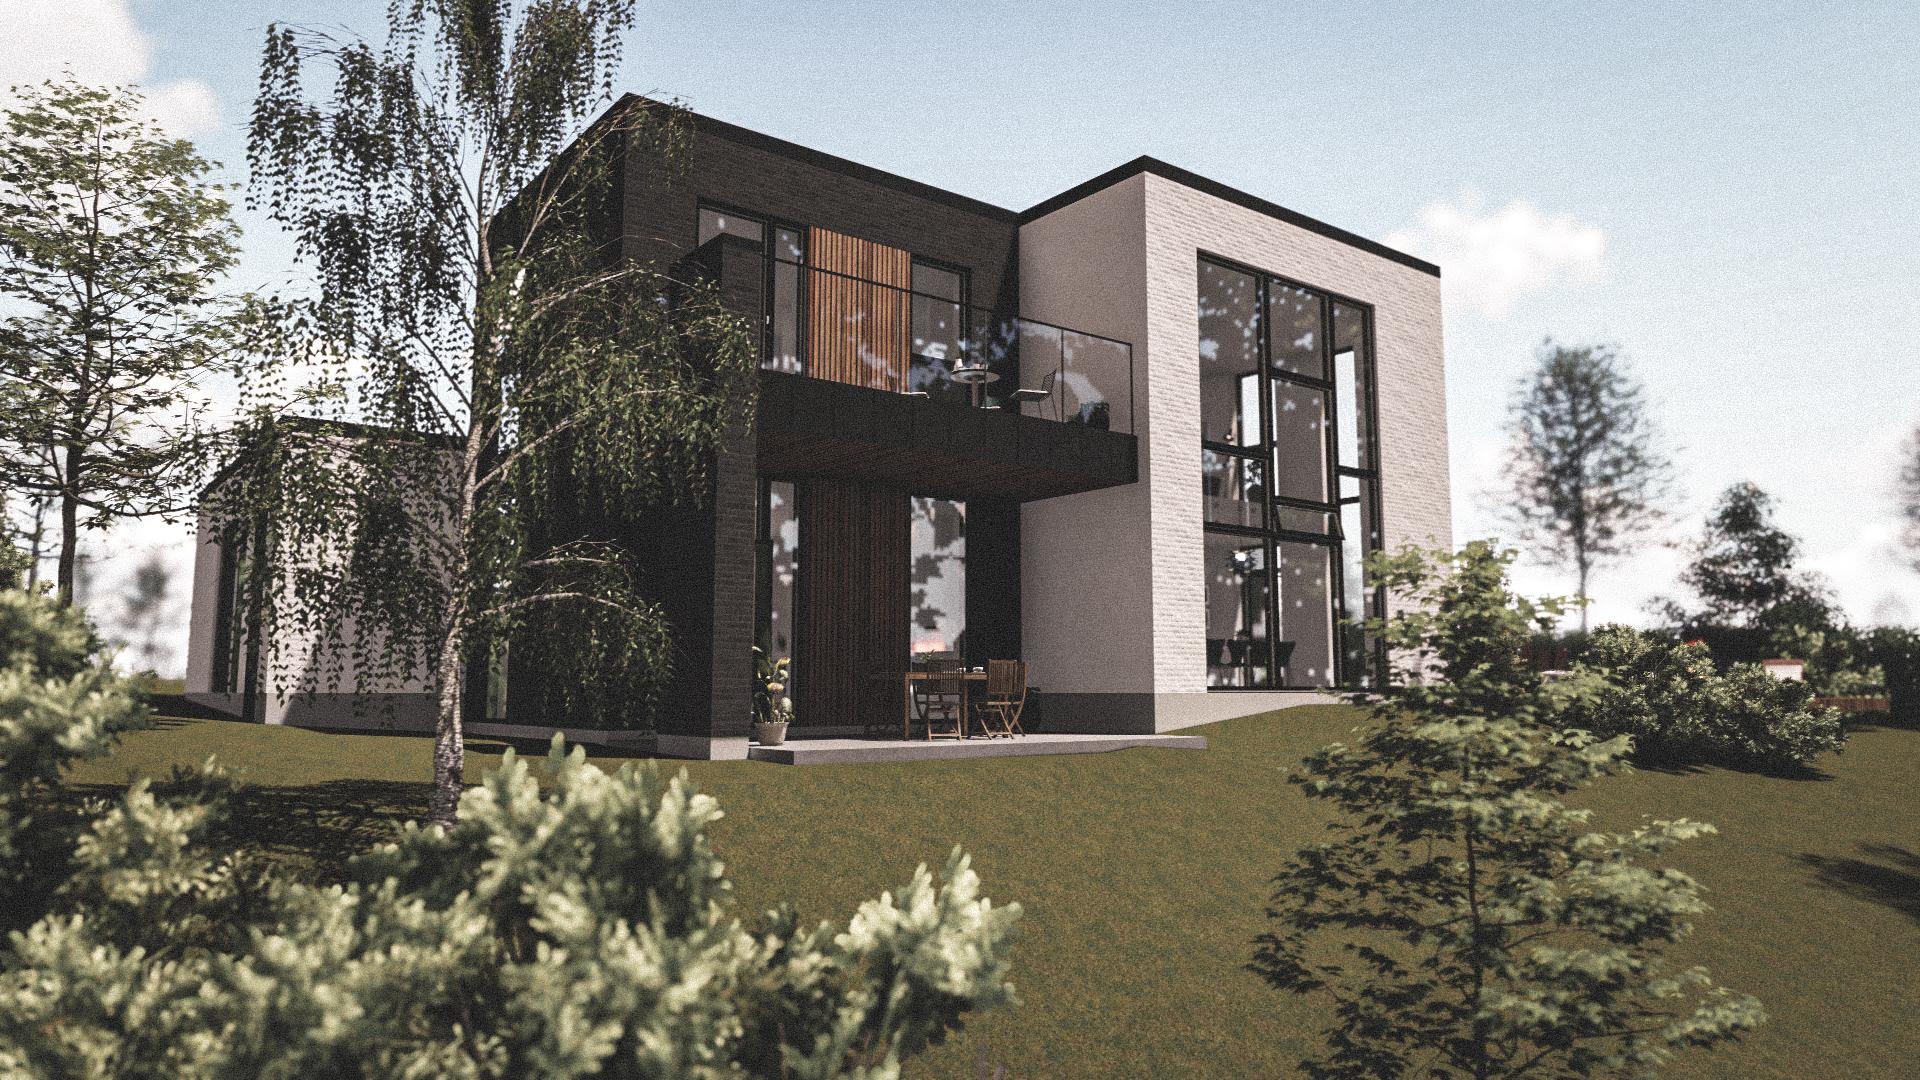 Billede af Dansk arkitekttegnet 2 plan villa af arkitektfirmaet m2plus, i Ikast på 280 kvartratmeter.